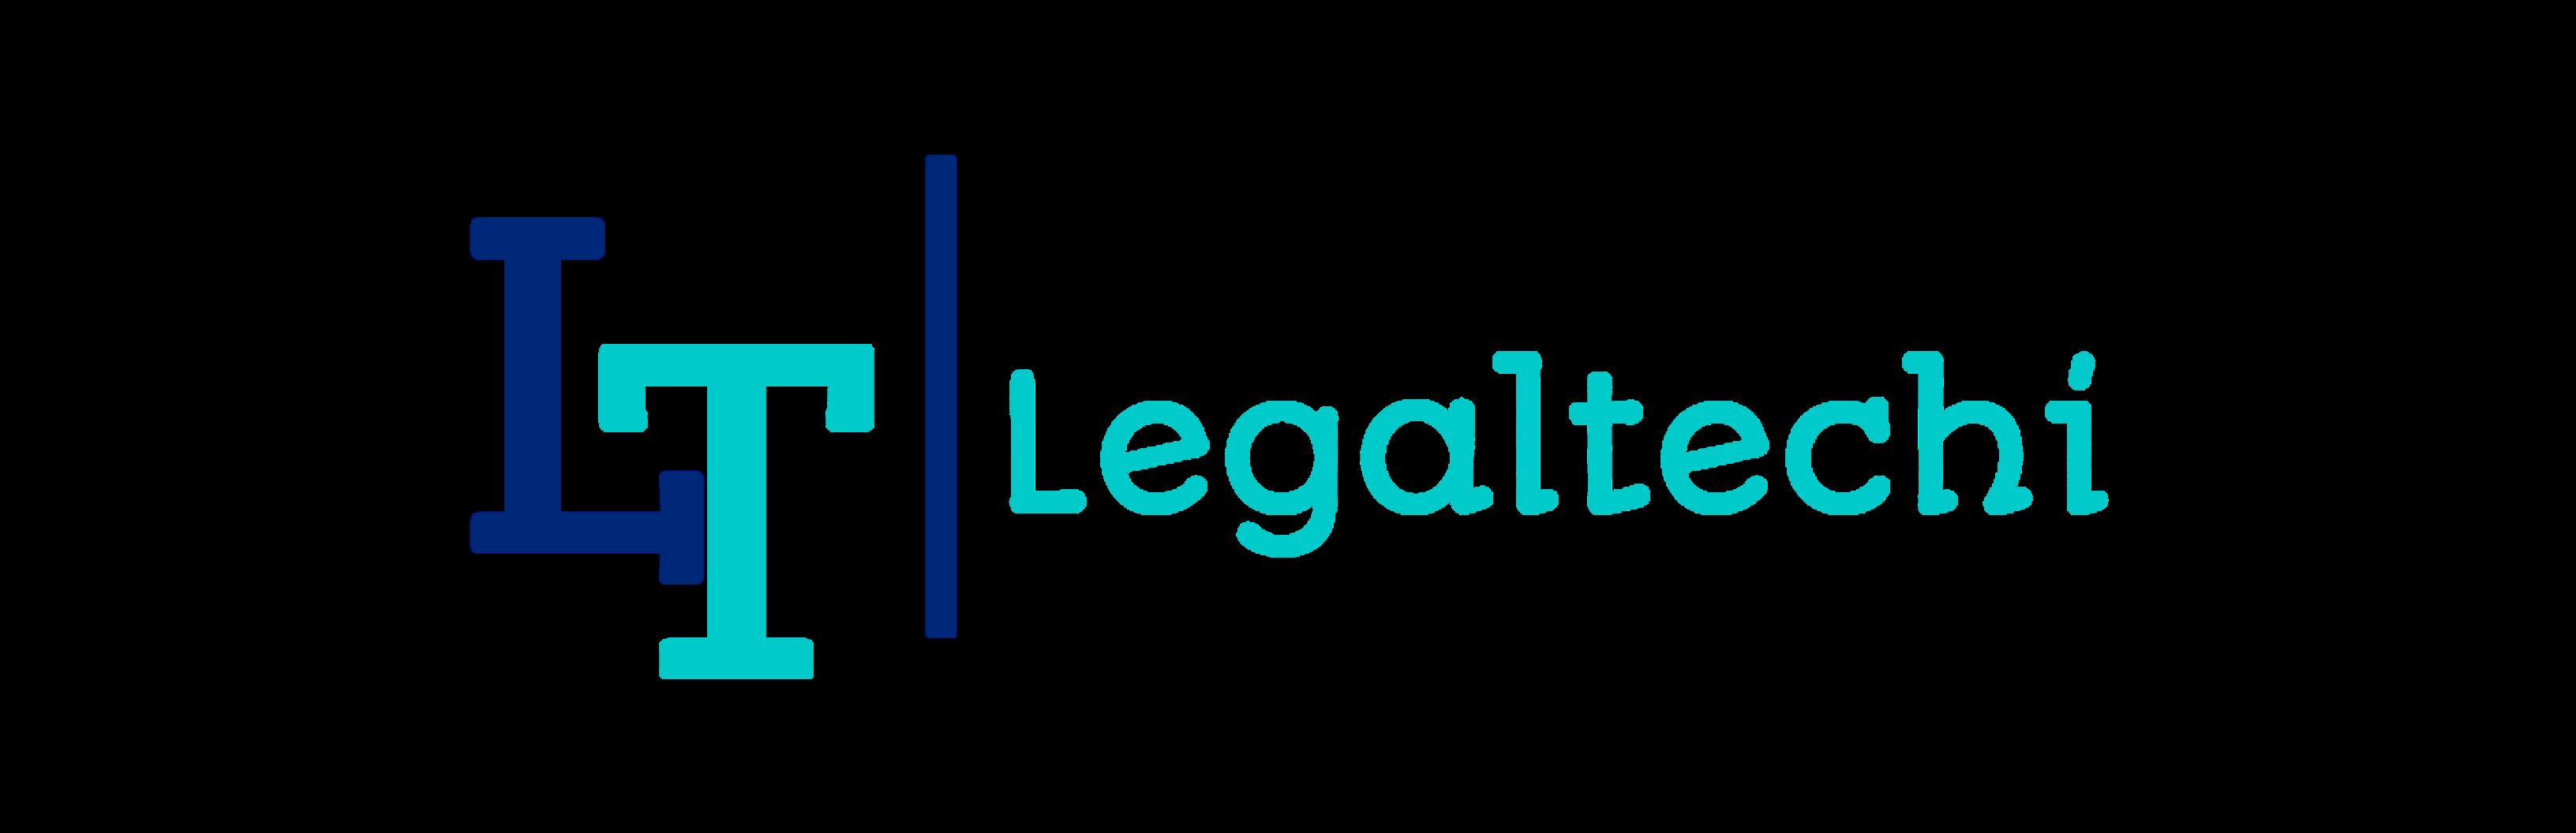 Legaltech Content Writer & Copywriter